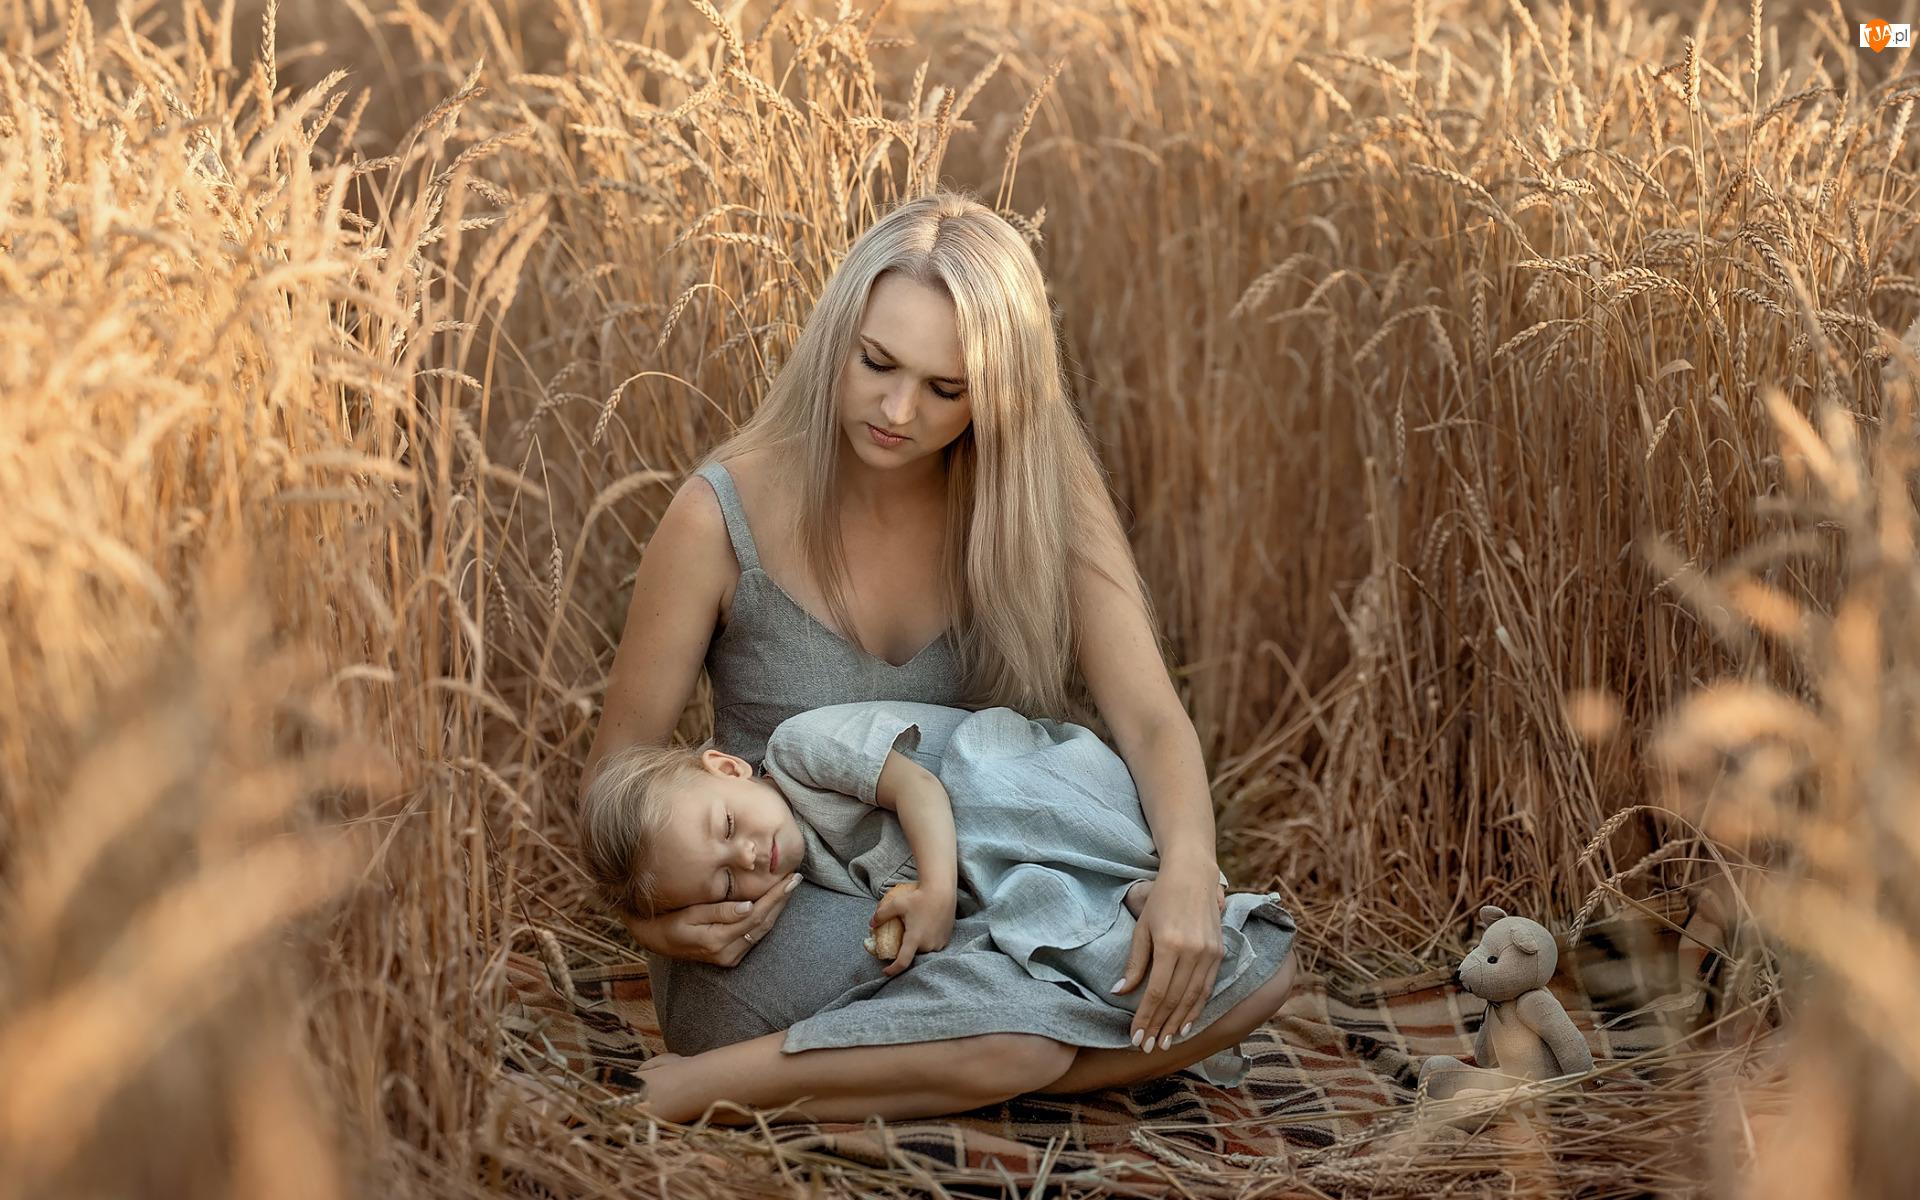 Zboże, Kobieta, Córka, Pole, Matka, Dziecko, Dziewczynka